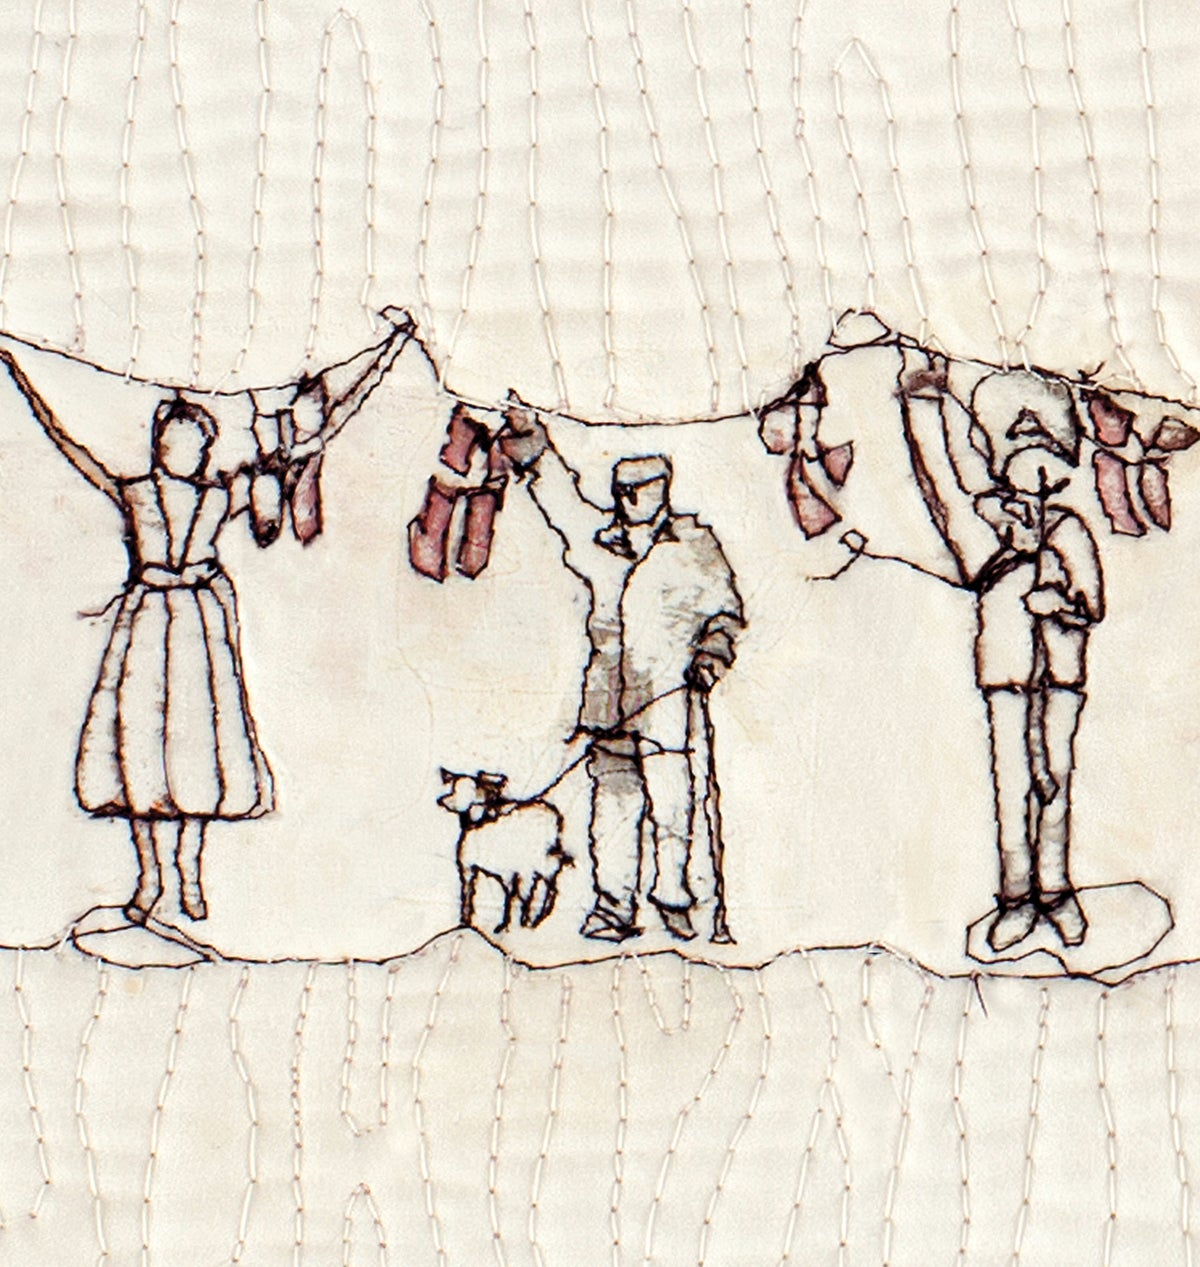 Image of Celebration #2